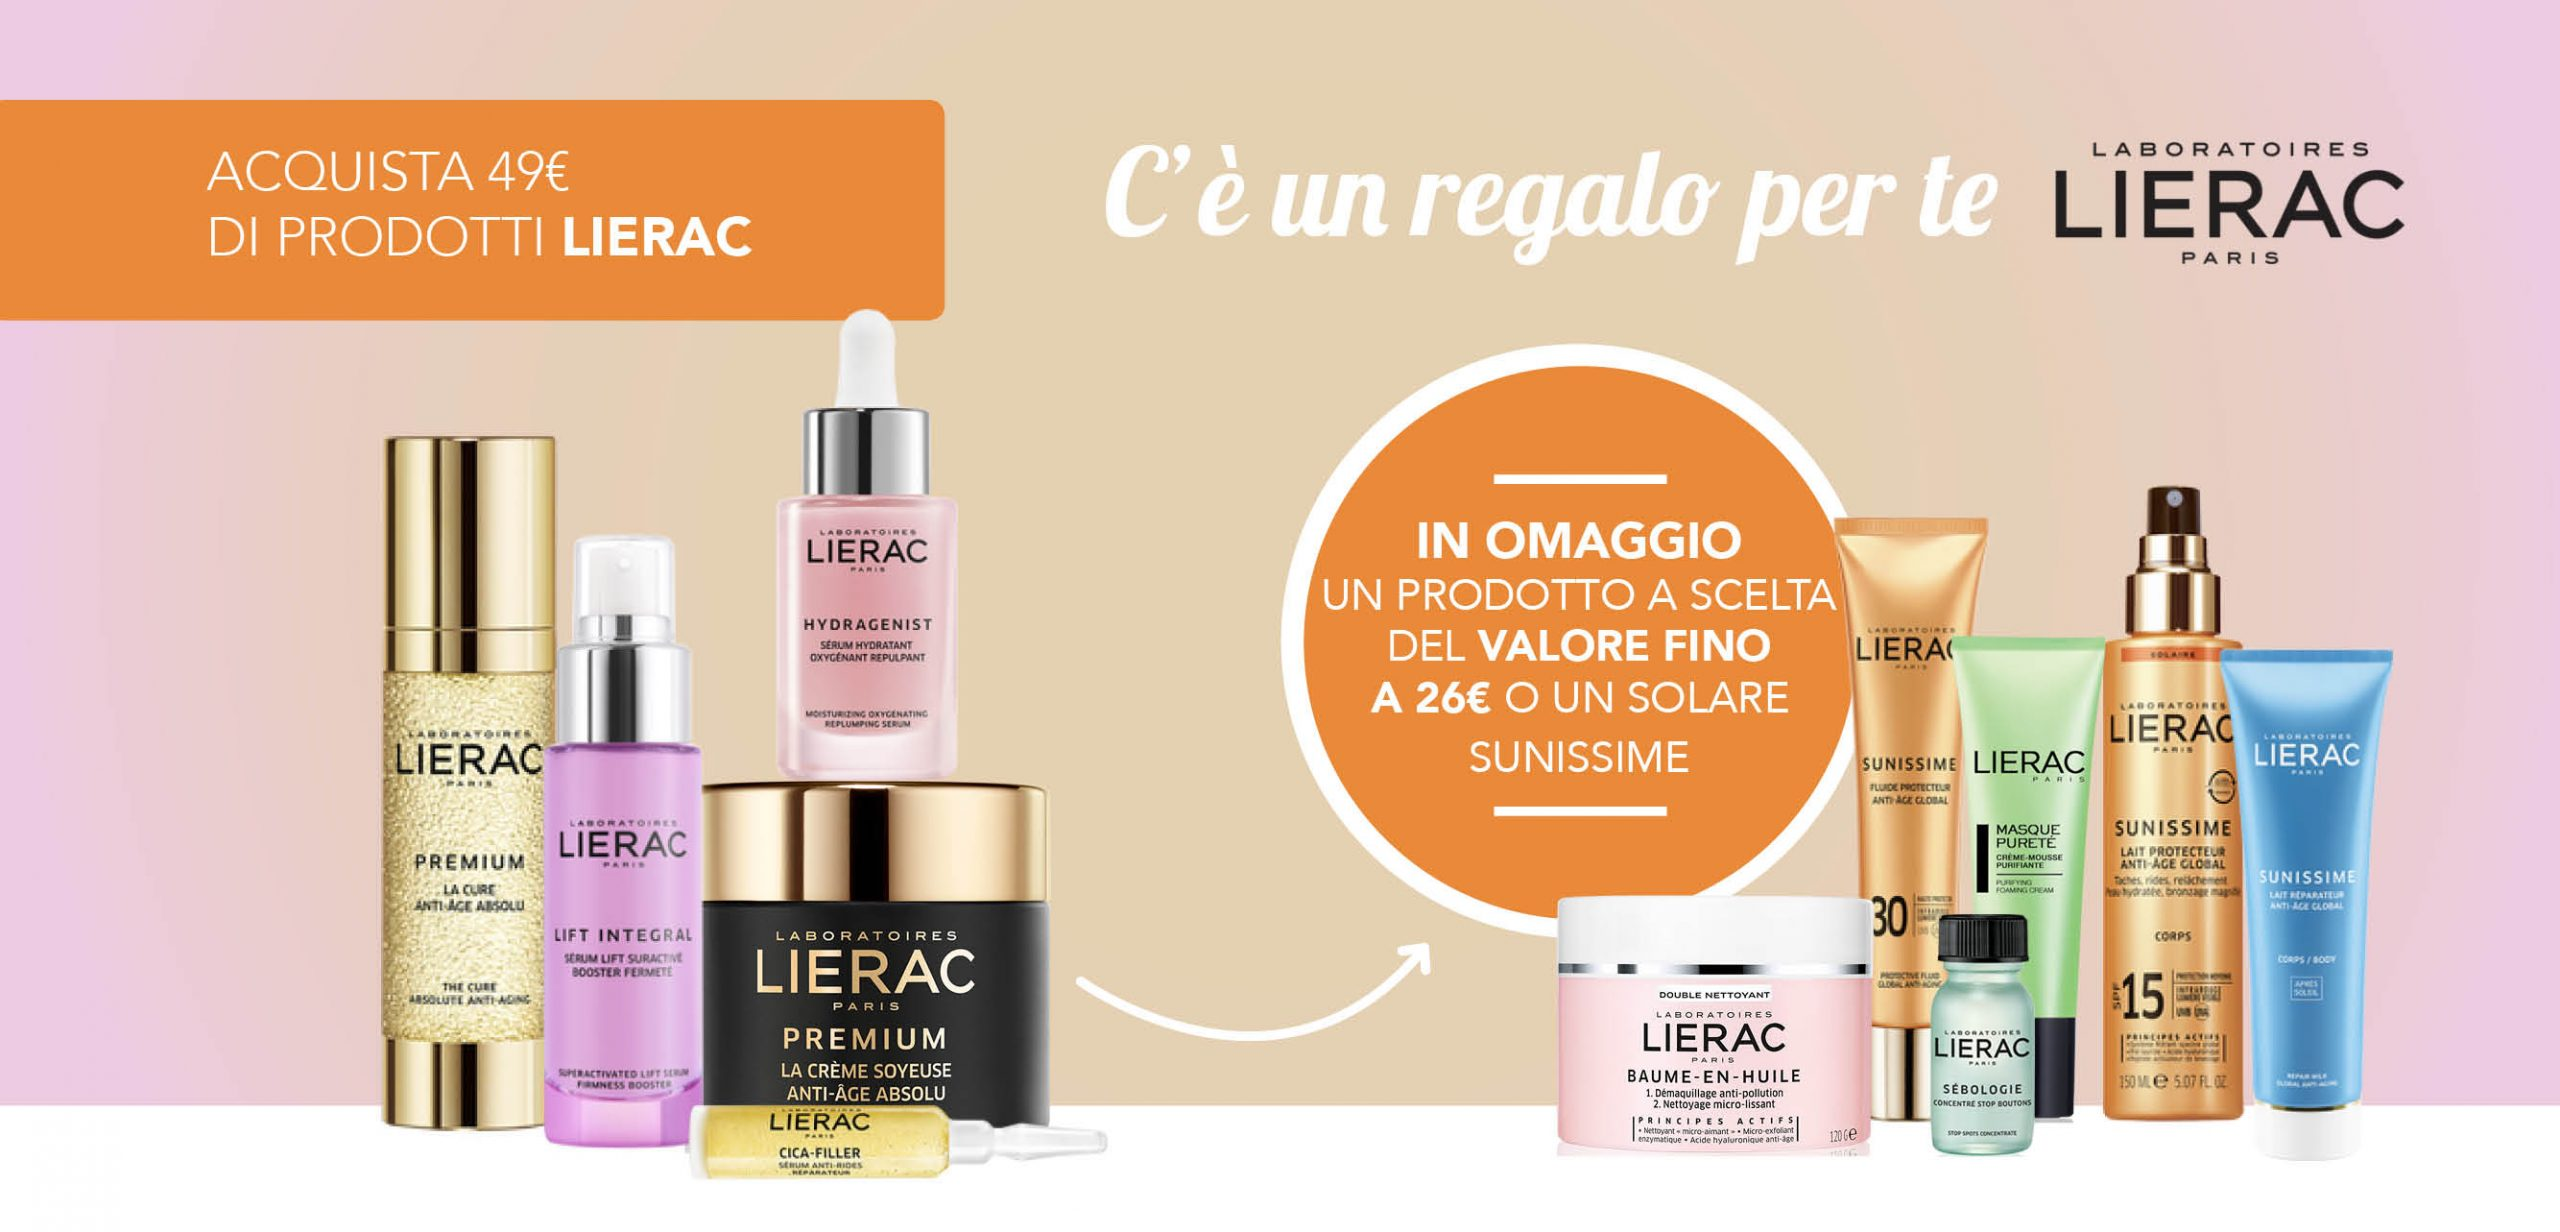 Superfarma promozione Lierac